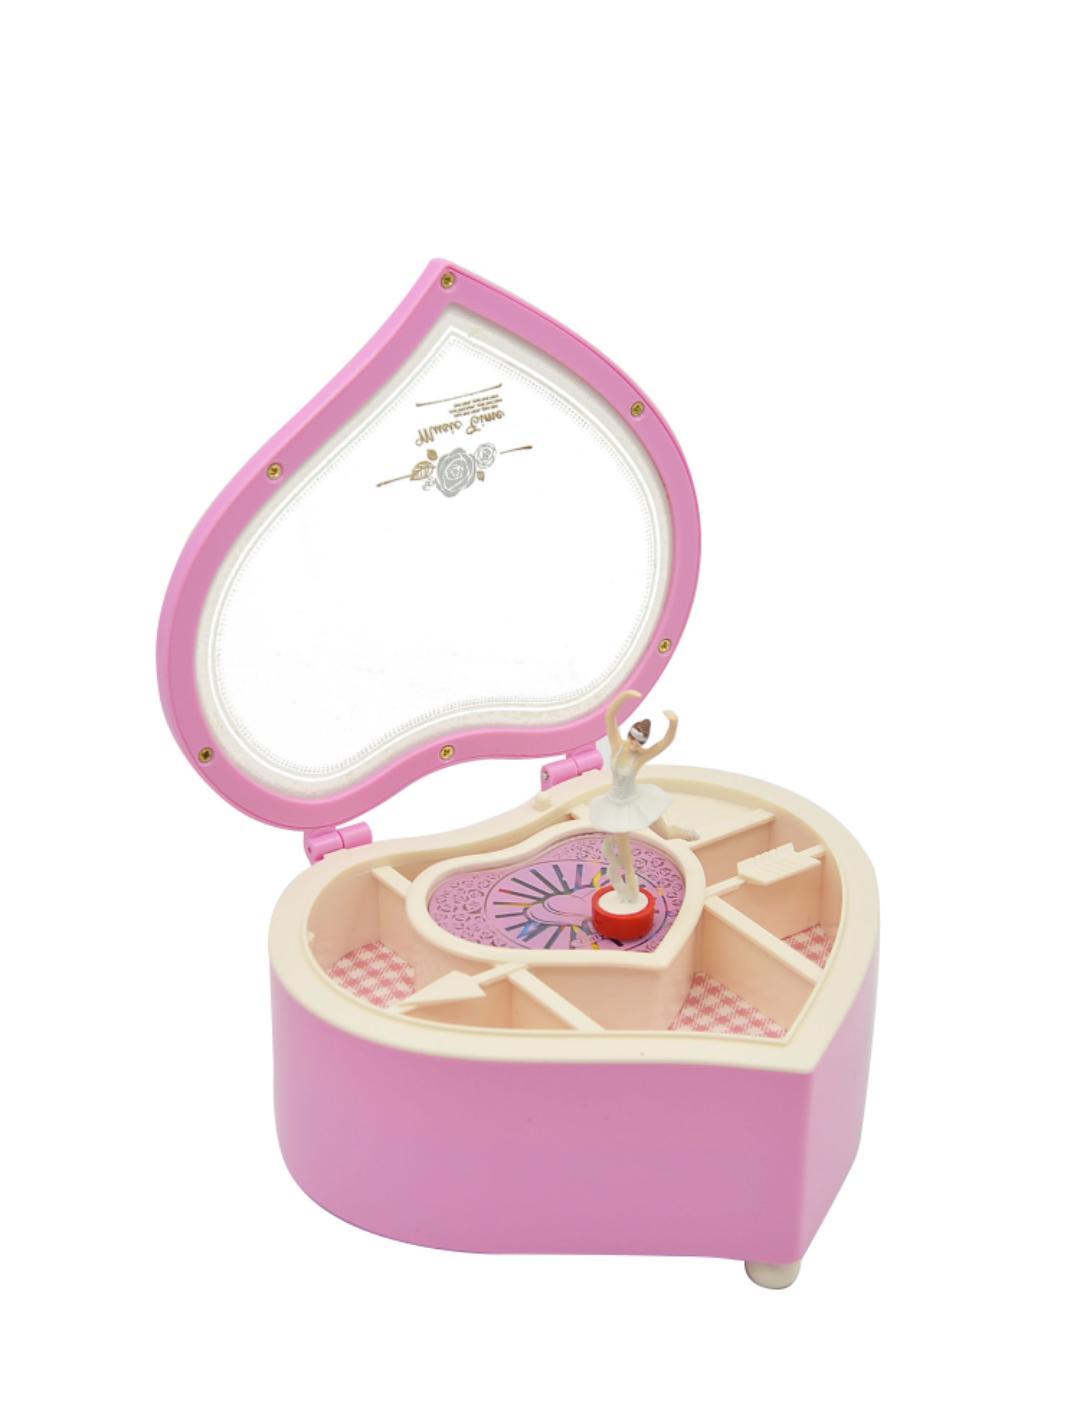 Kotak Musik (Music Box)+Belarina